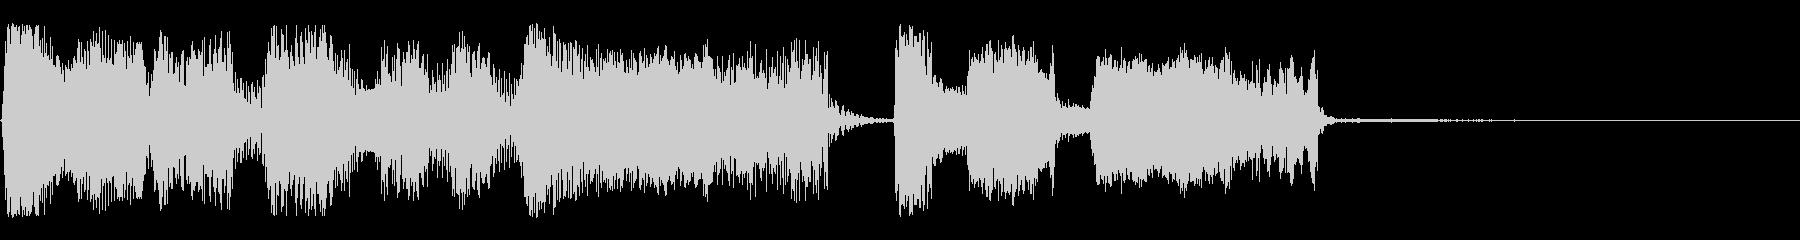 【パステルカラー2】の未再生の波形